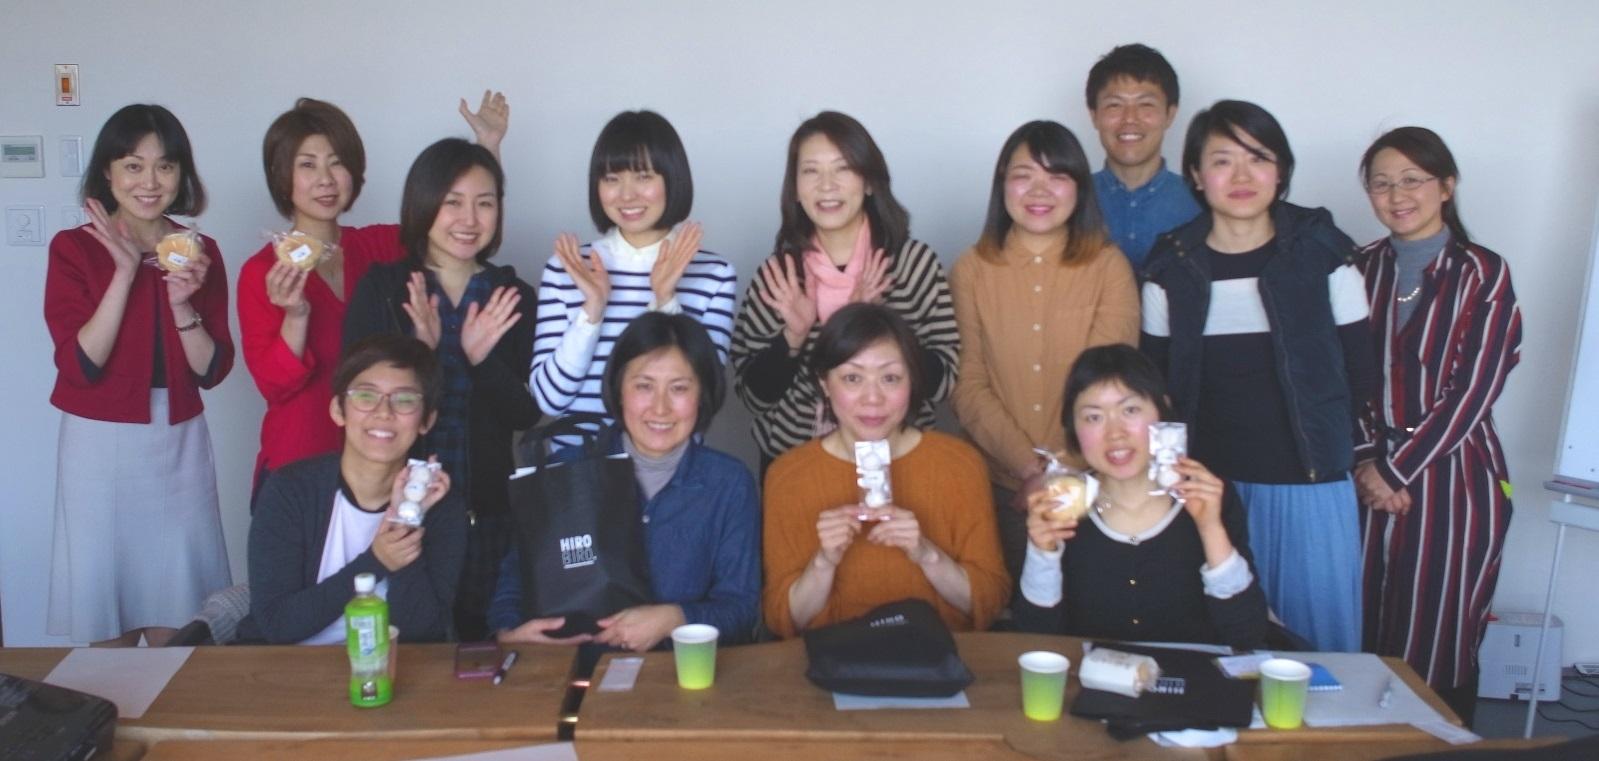 HIROBIRO.ひろしま in トーキョー大人女子編2017 vol.1を開催します!